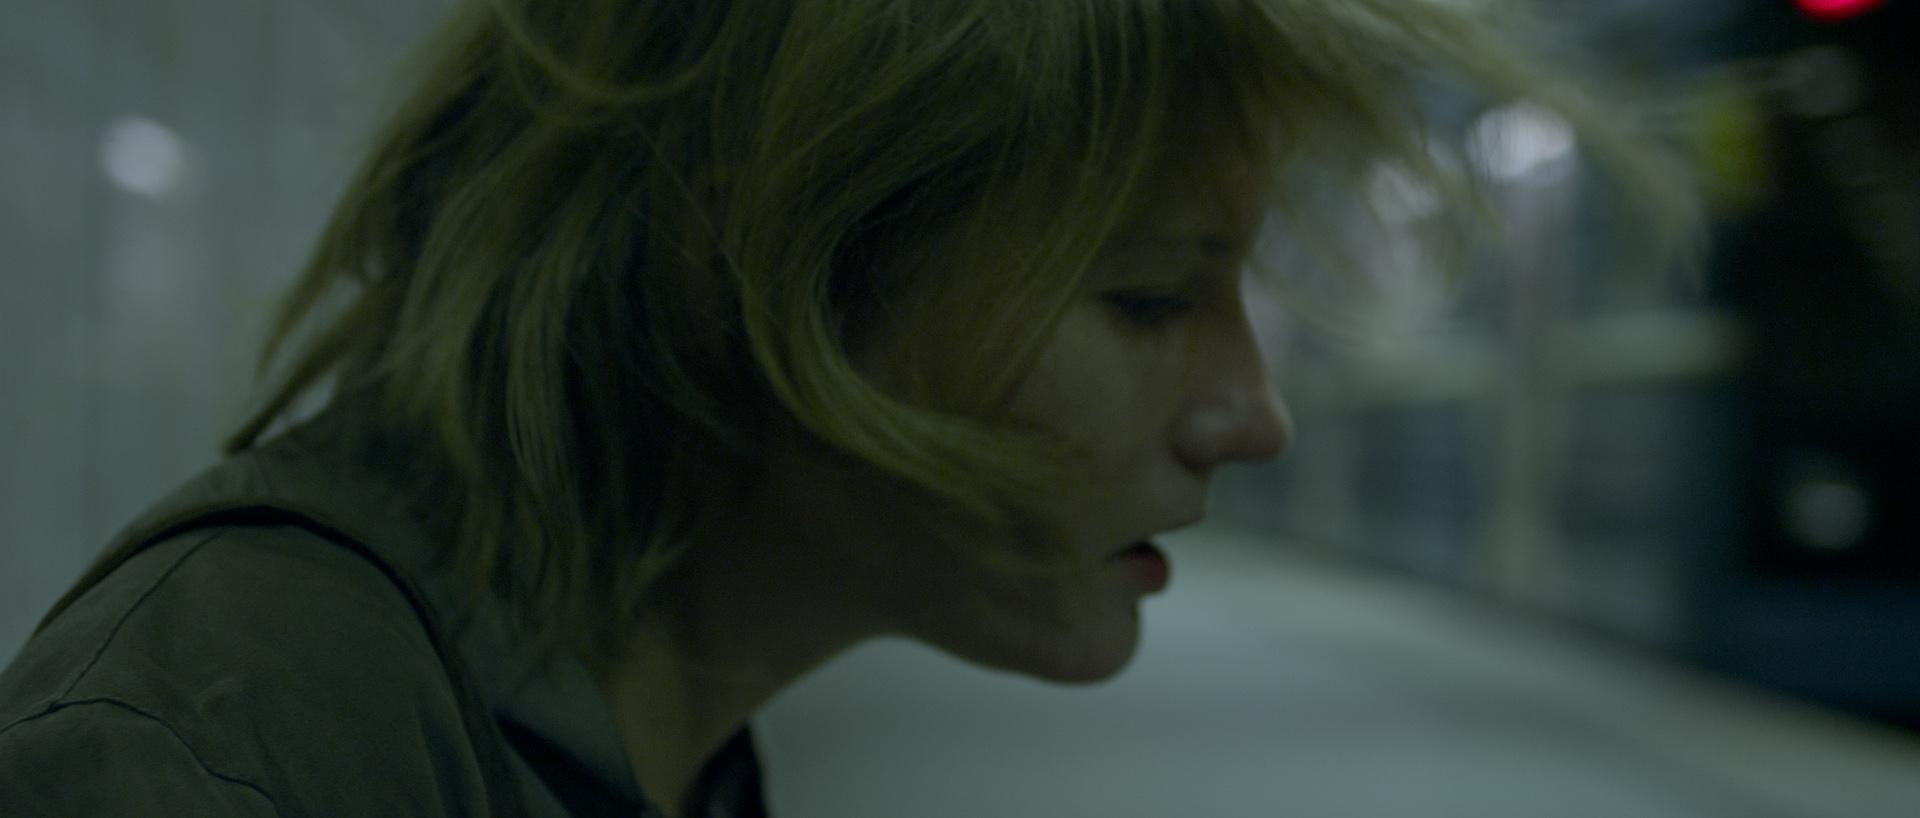 https://www.film.ru/sites/default/files/movies/frames/pg_f_004_b.54cb78f01327d.jpg